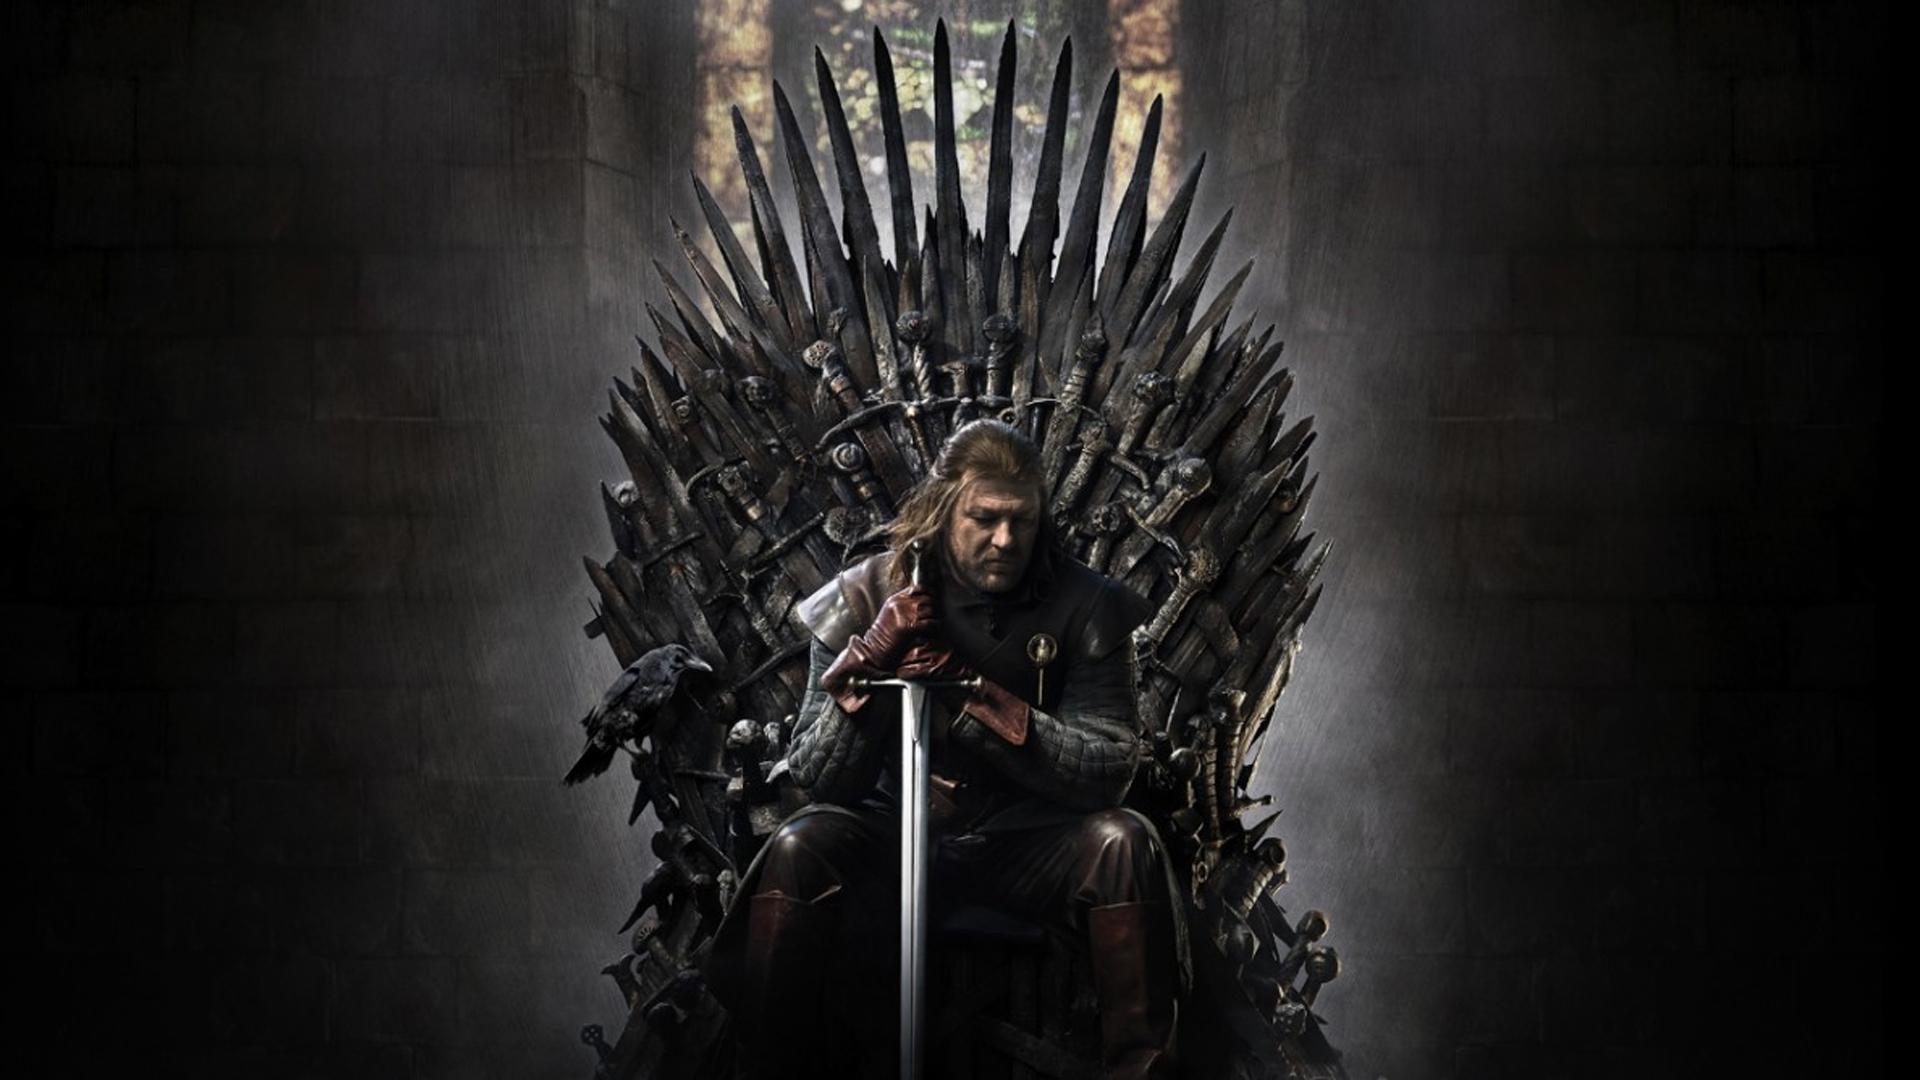 Le nouvel opus de From Software pourrait s'inspirer de Game Of Thrones